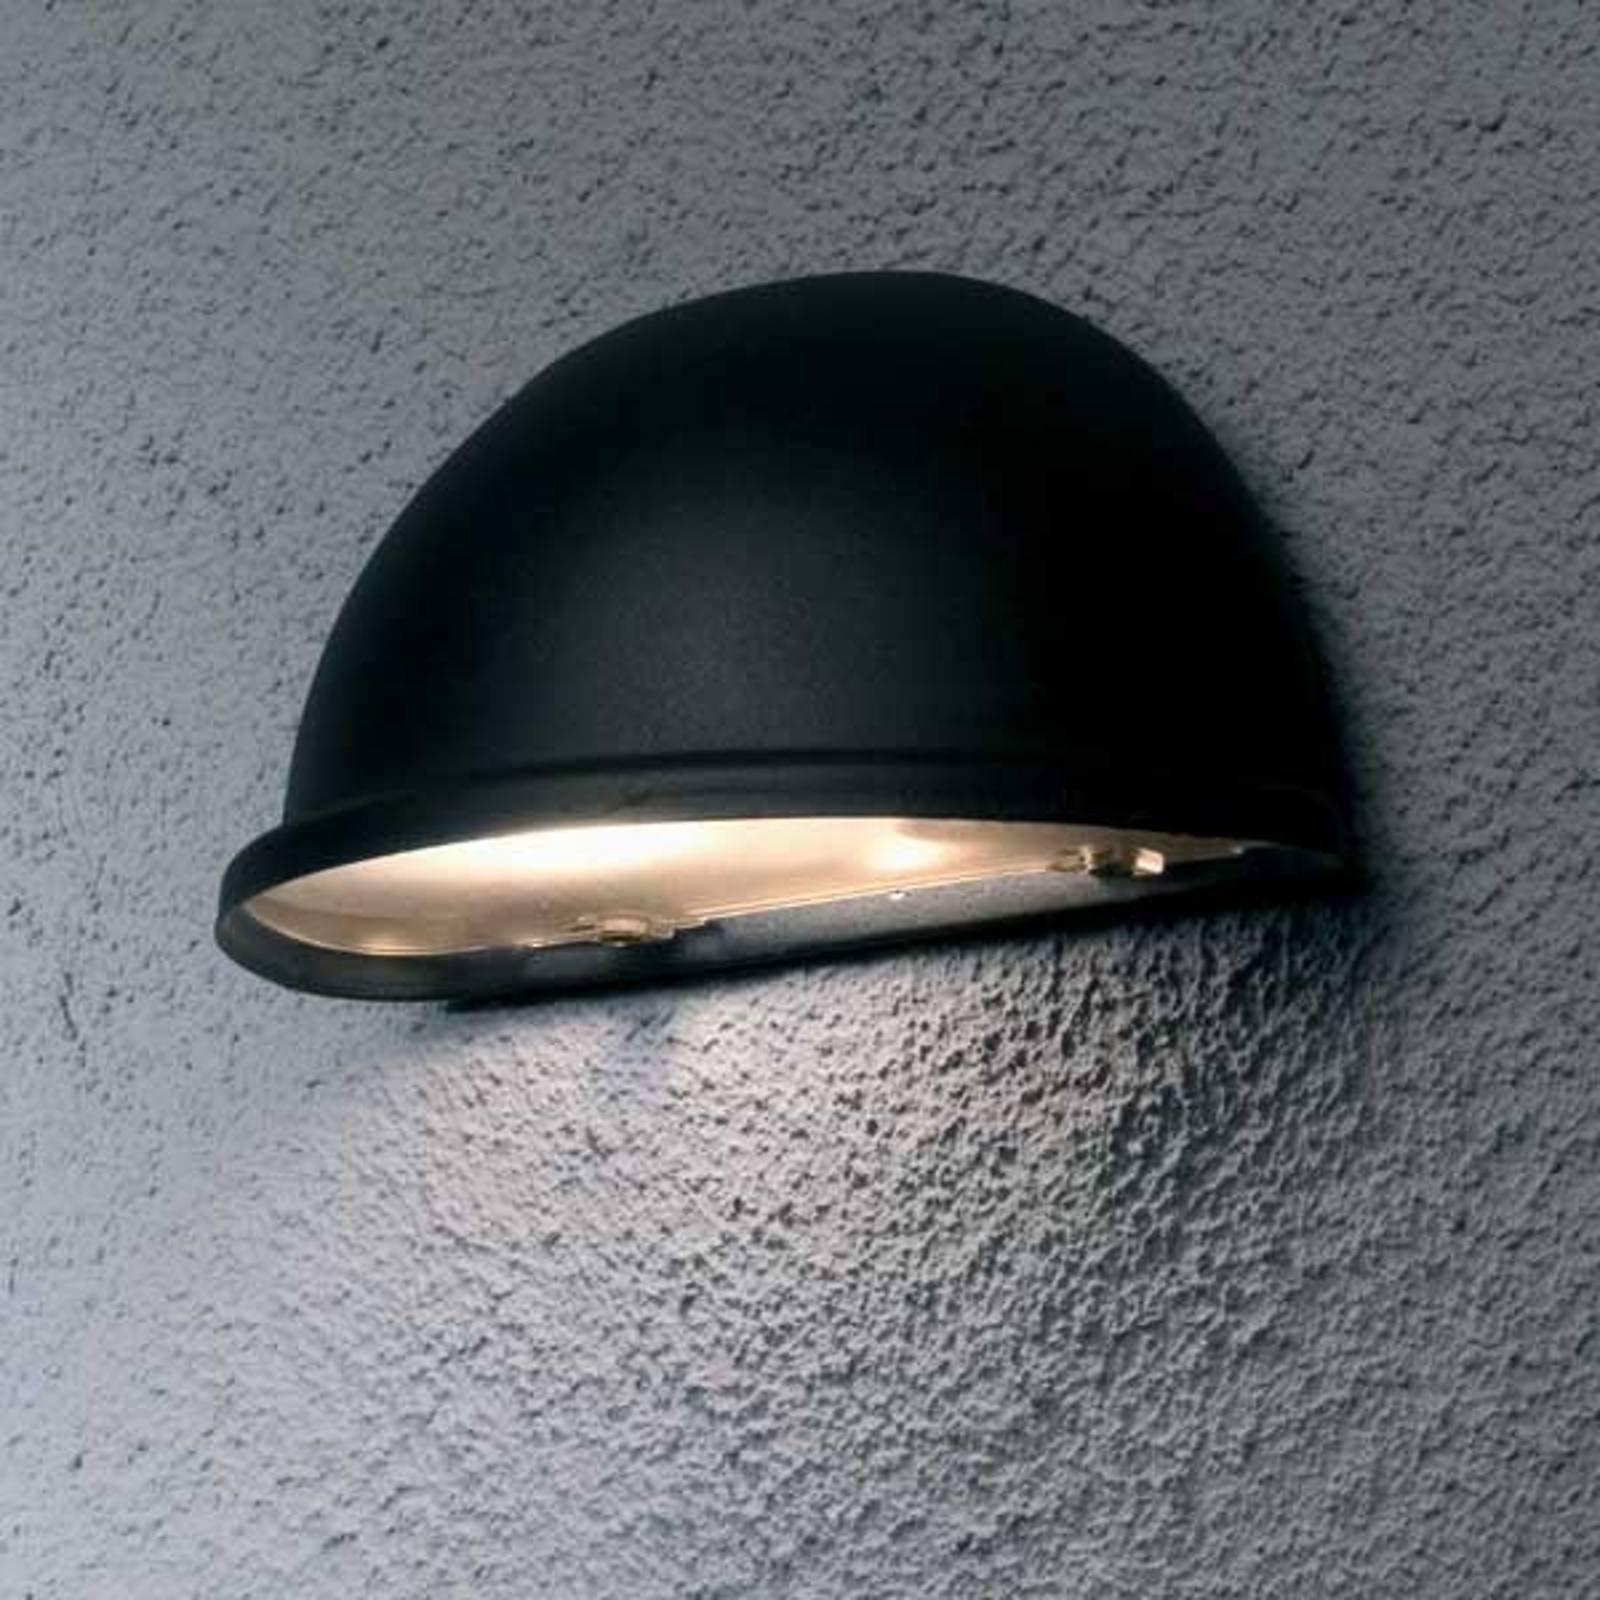 Vakker utendørs TORINO E14 vegglampei svart